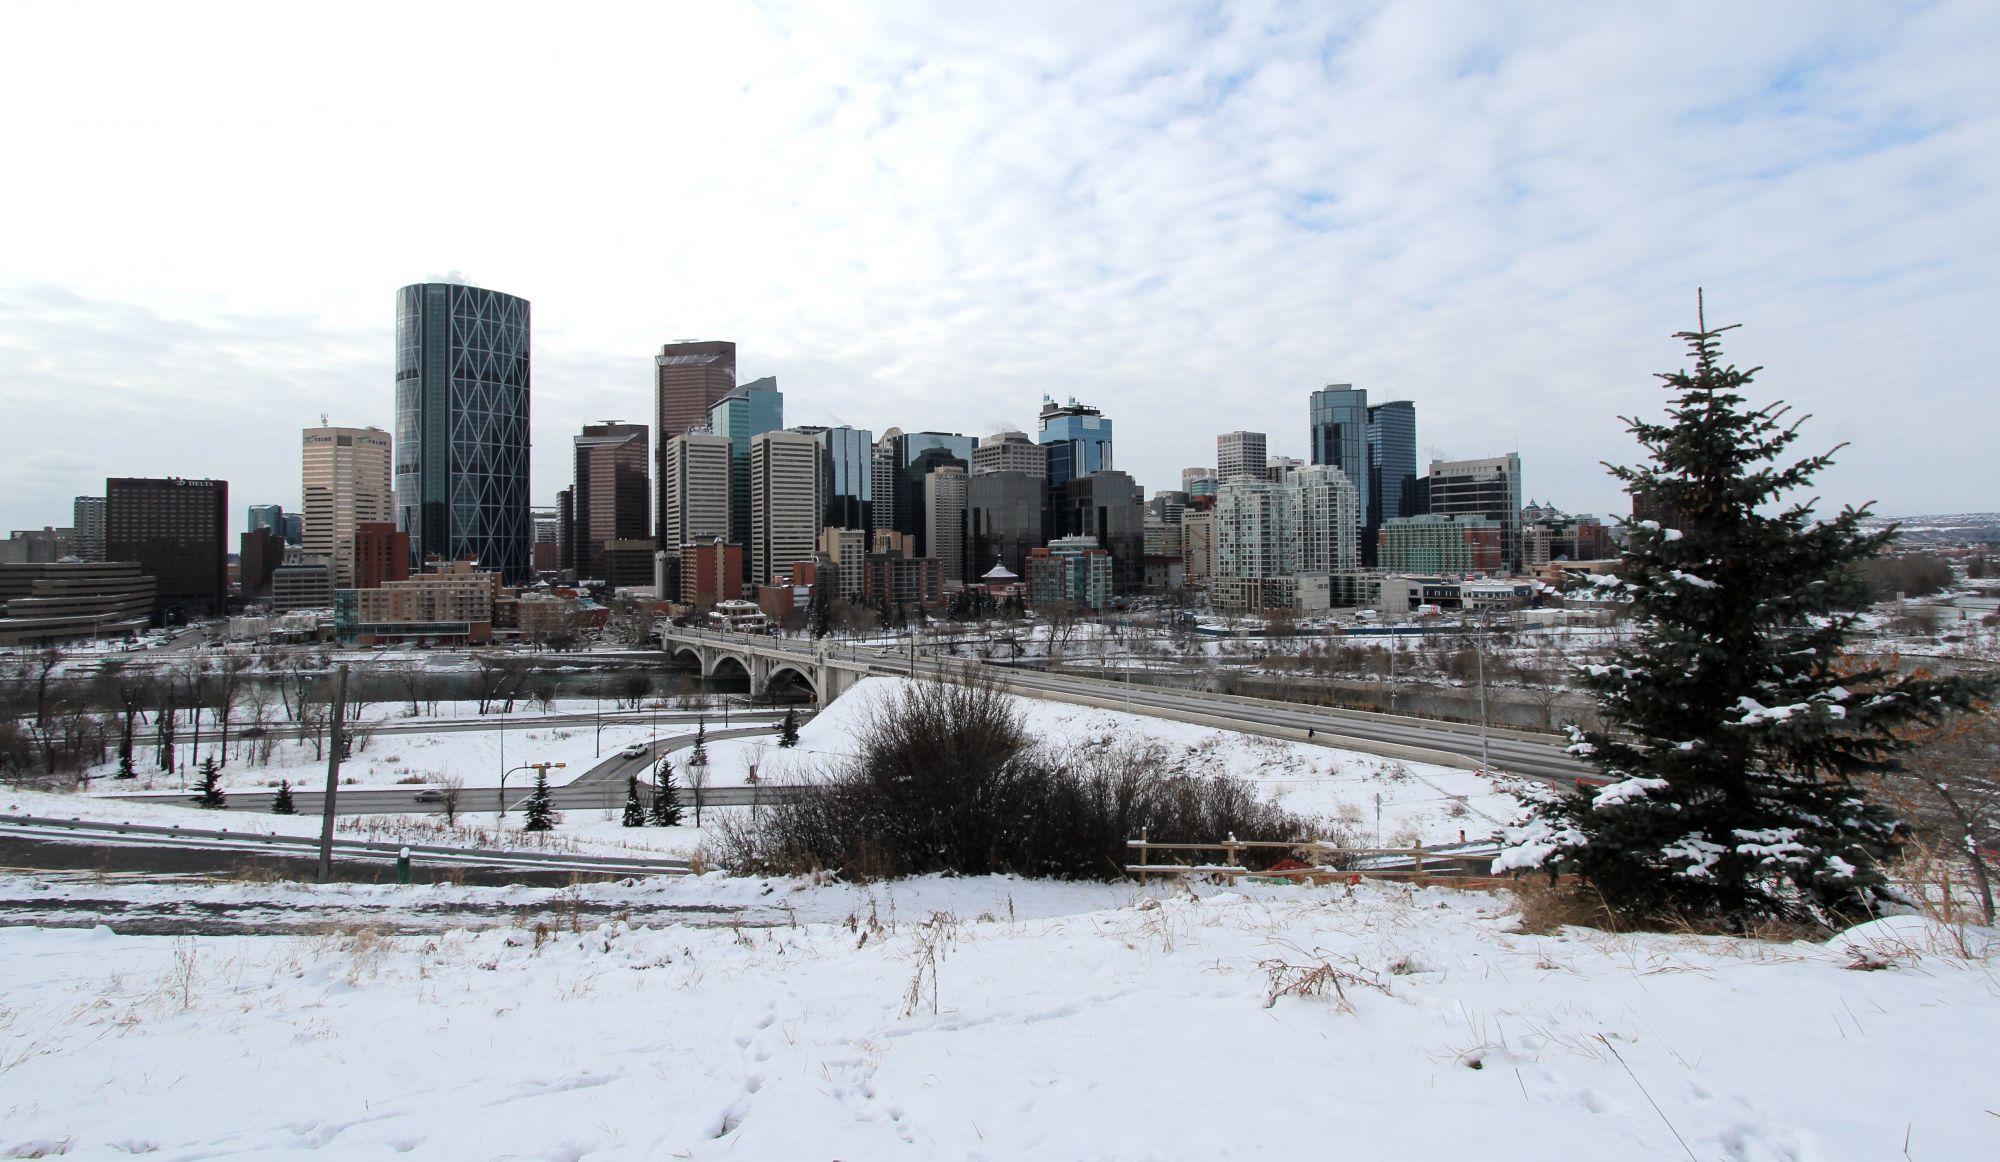 Les athlètes encouragent la candidature de Calgary pour les Olympiques de 2026